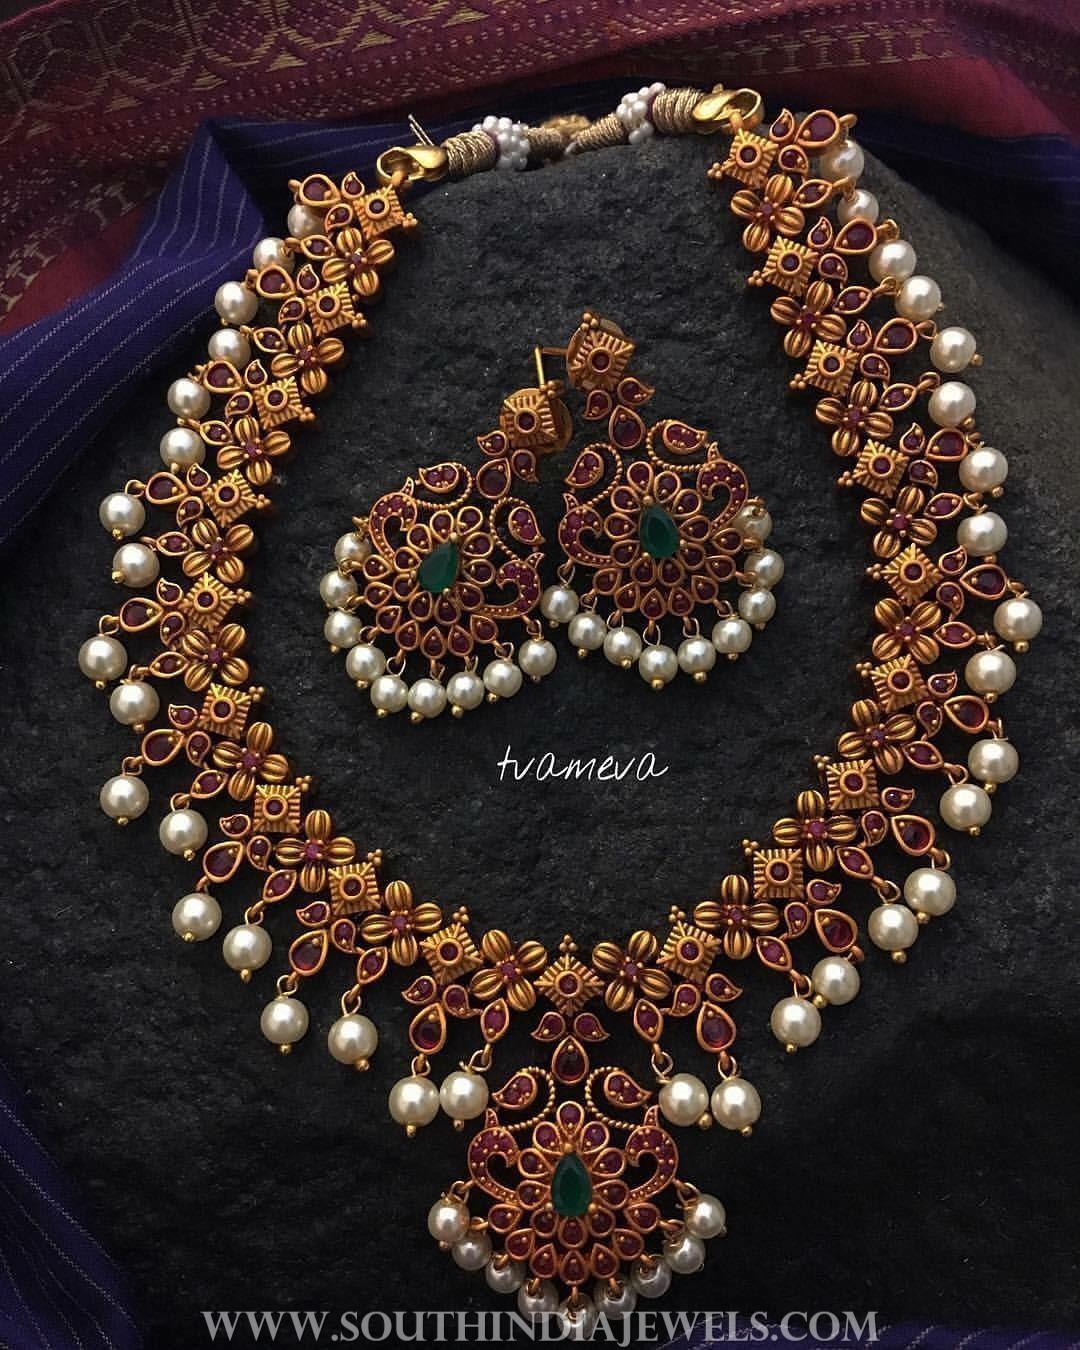 Matt Finish Ruby Emerald Necklace Set From Tvameva